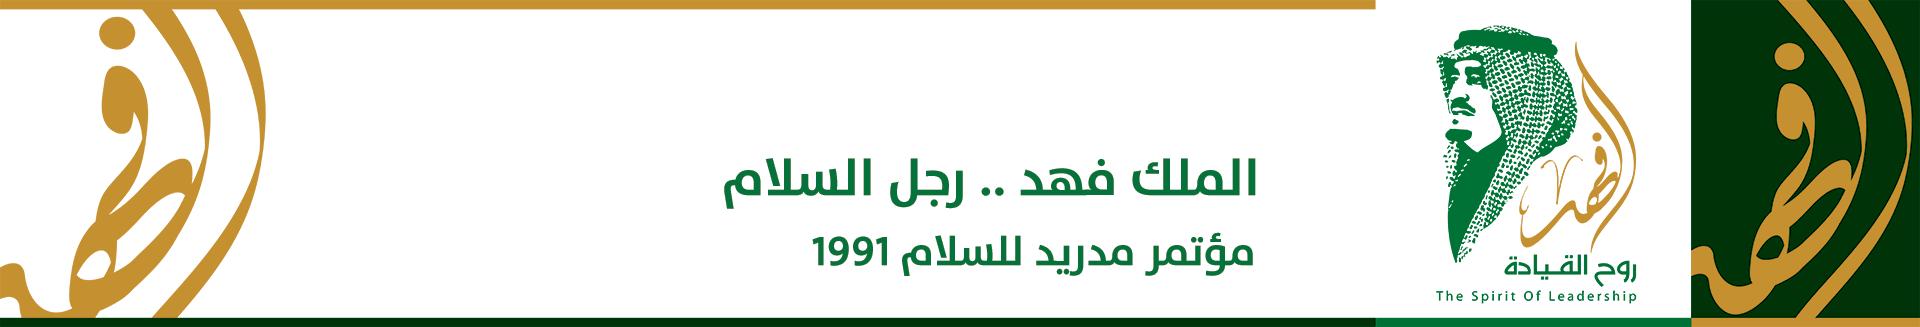 الملك فهد ومؤتمر مدريد للسلام